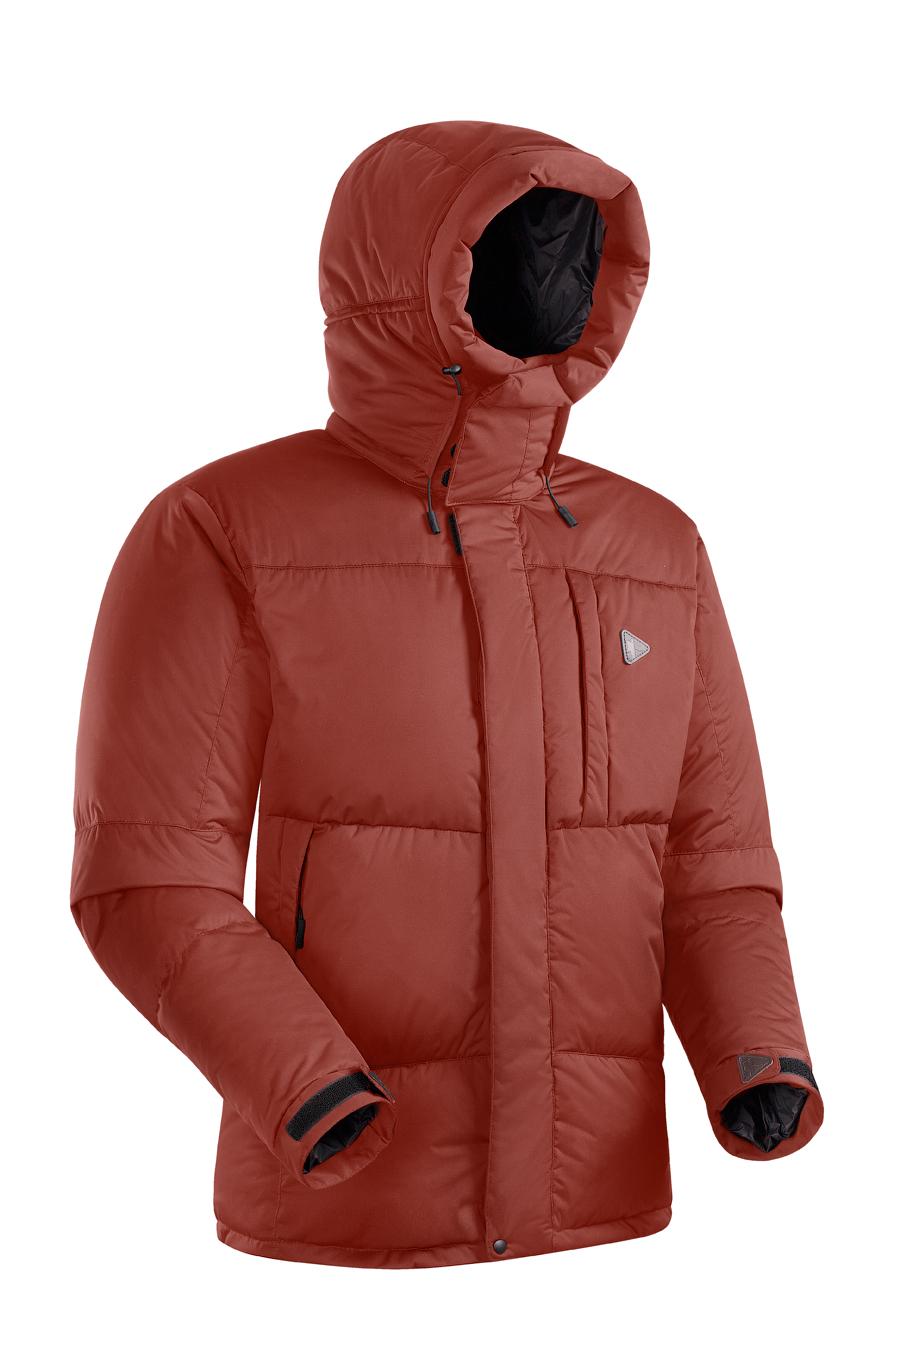 Пуховая куртка BASK AVALANCHE LUXE фото